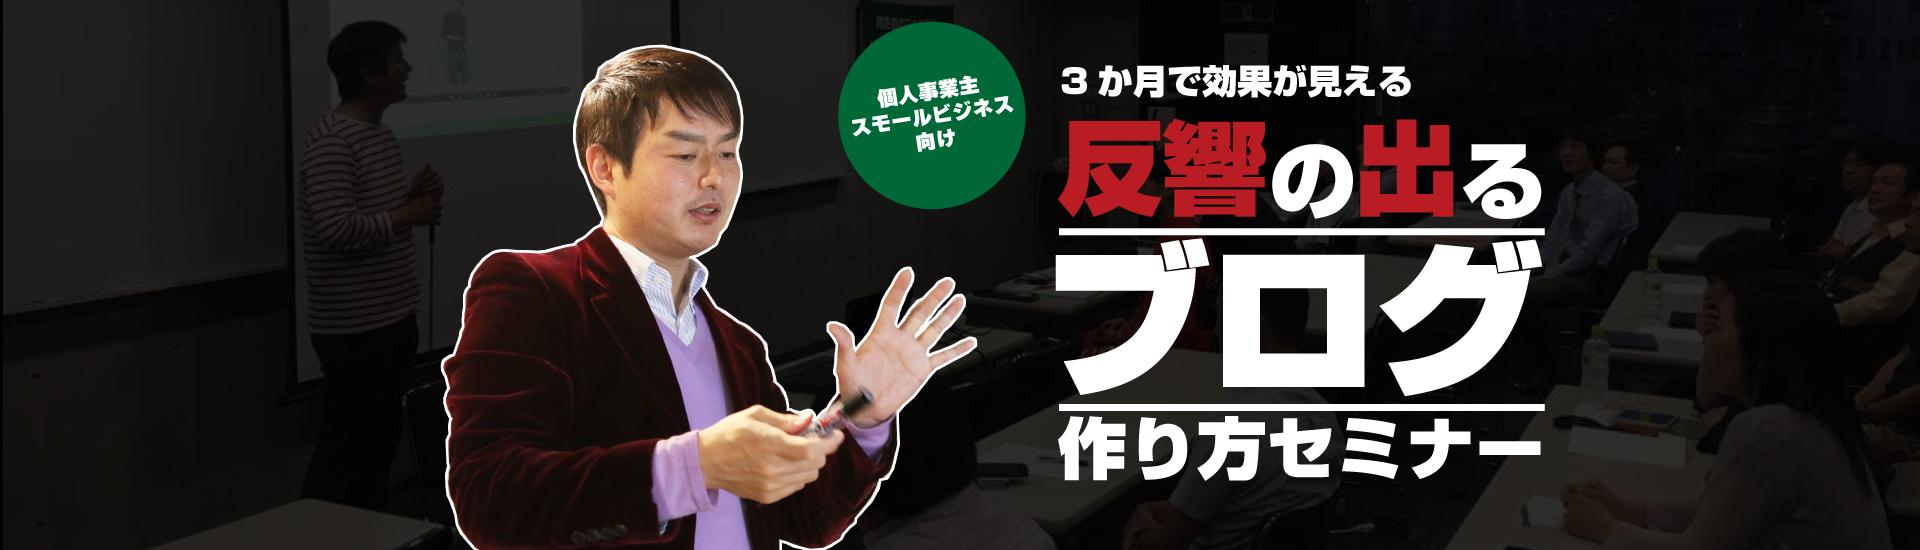 広島ブログ集客セミナー